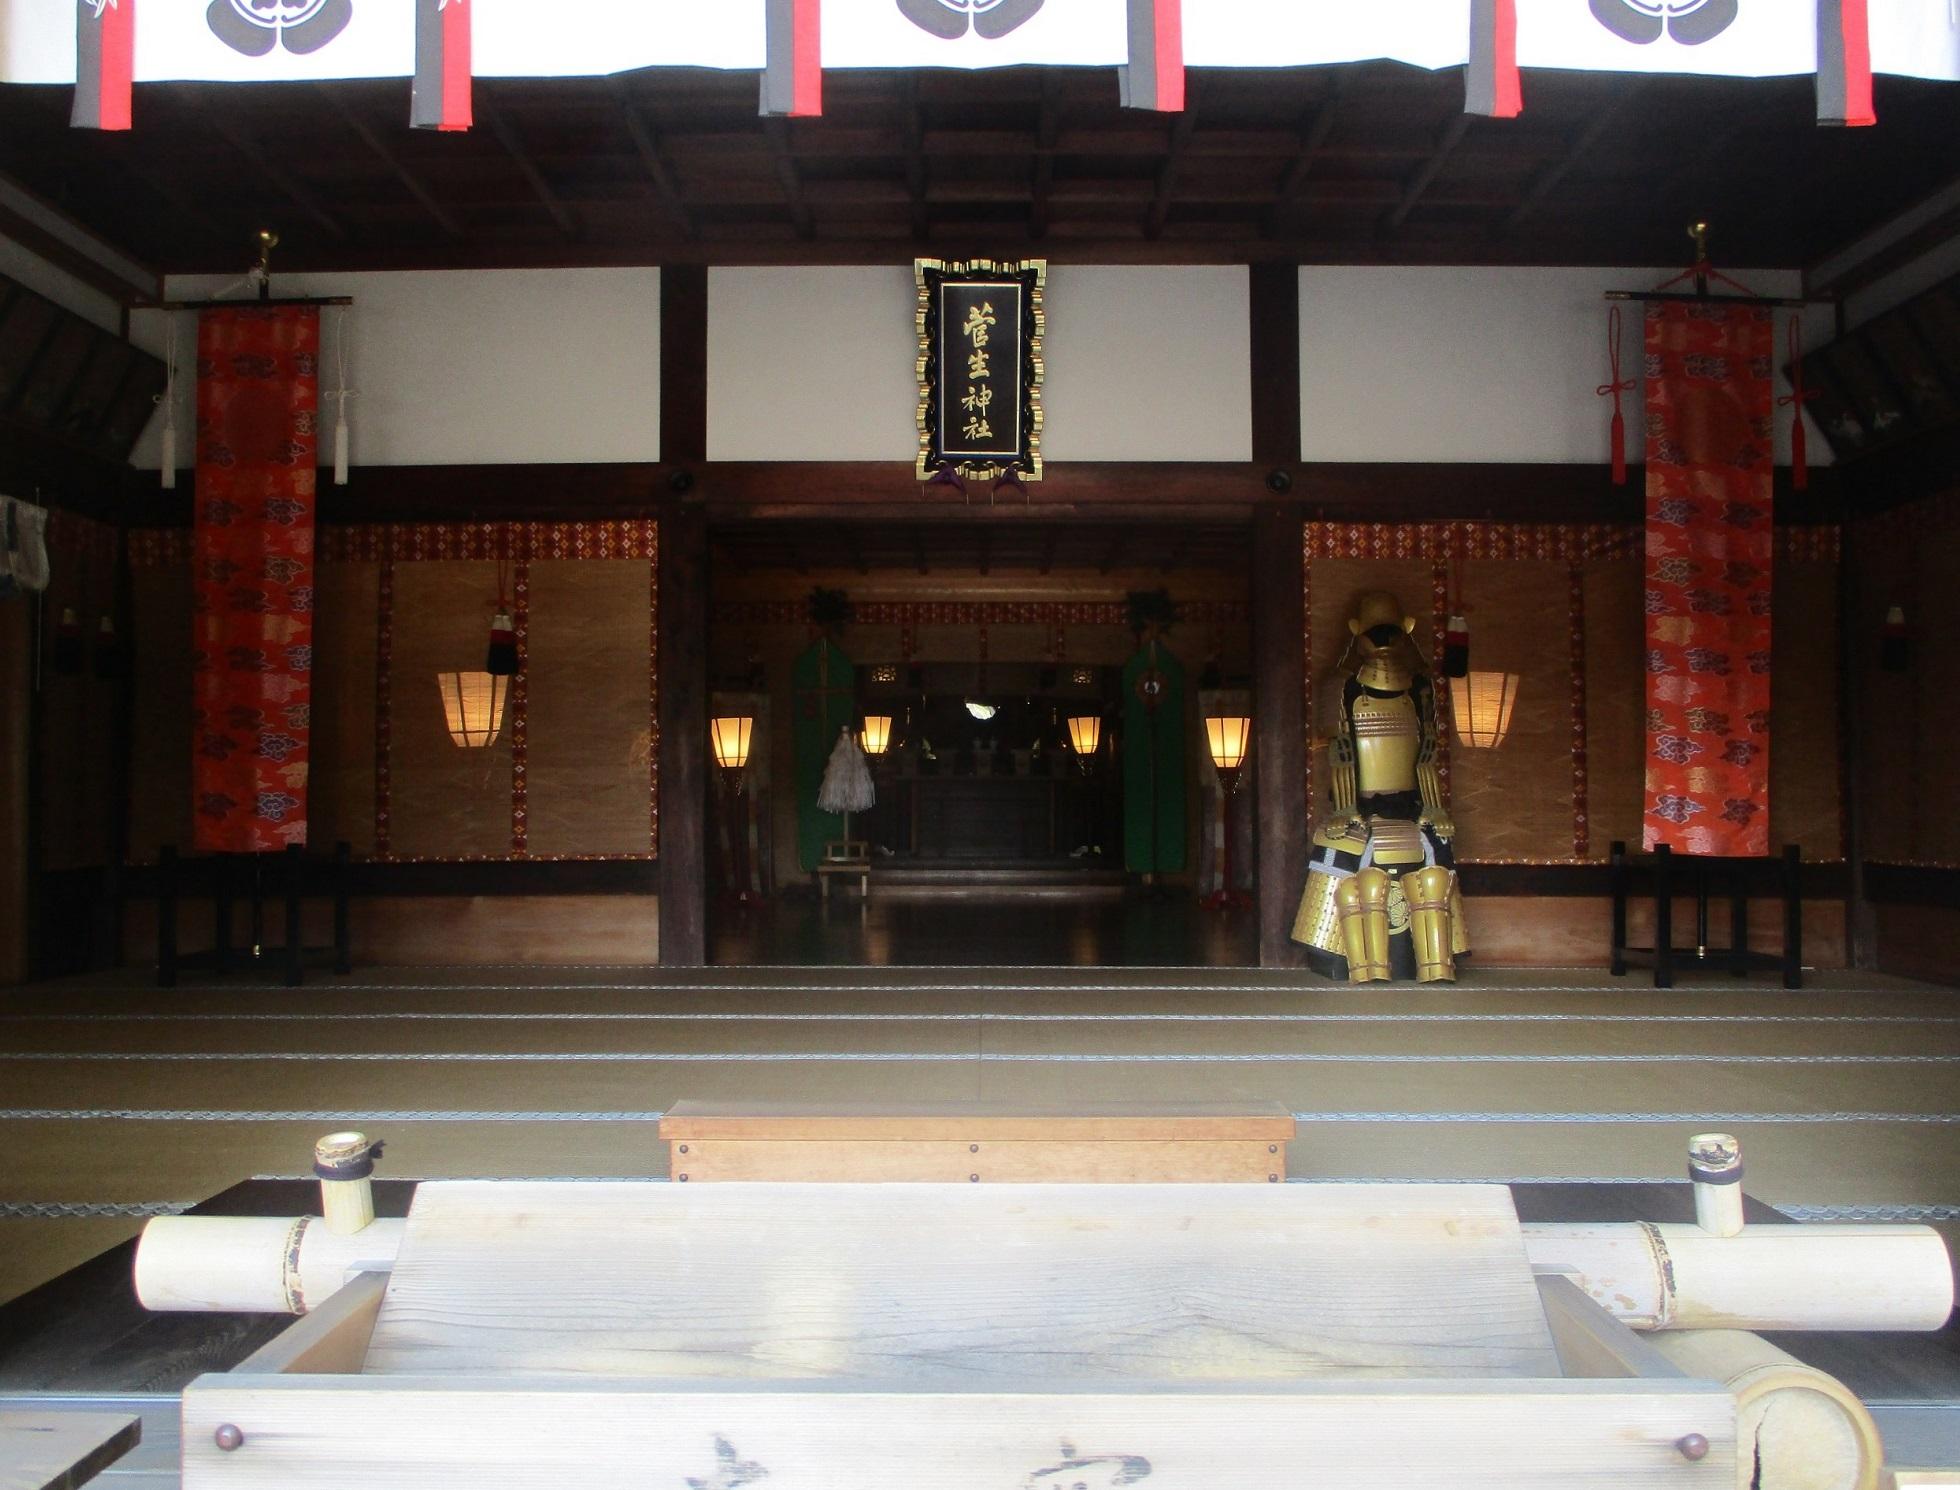 2020.4.29 (8) 菅生神社 - 拝殿からおく 1960-1490